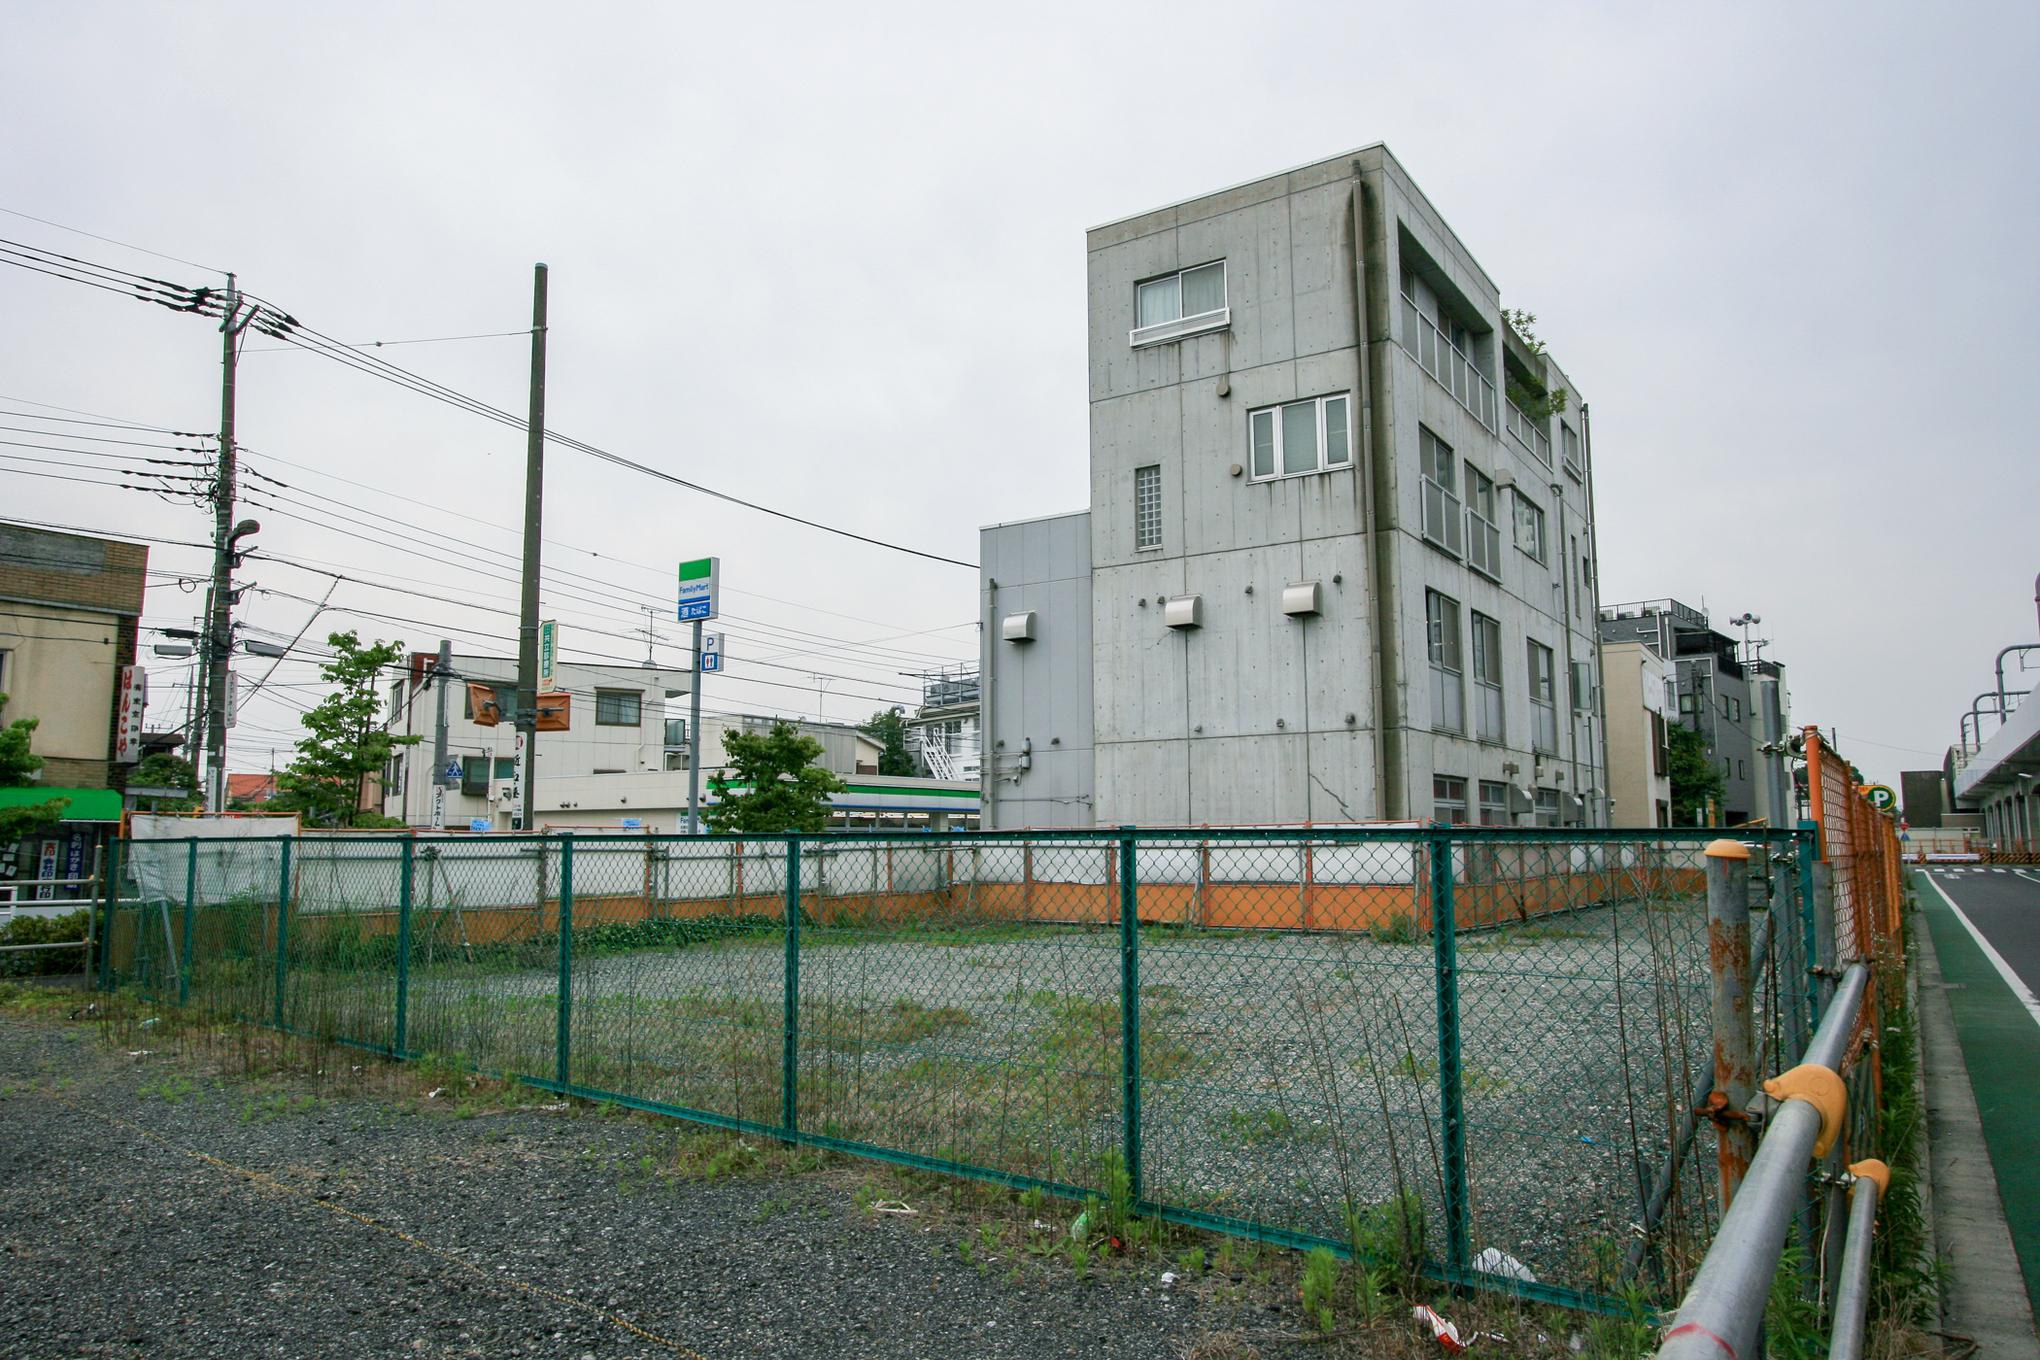 f:id:akichiniiko:20200720183701j:plain